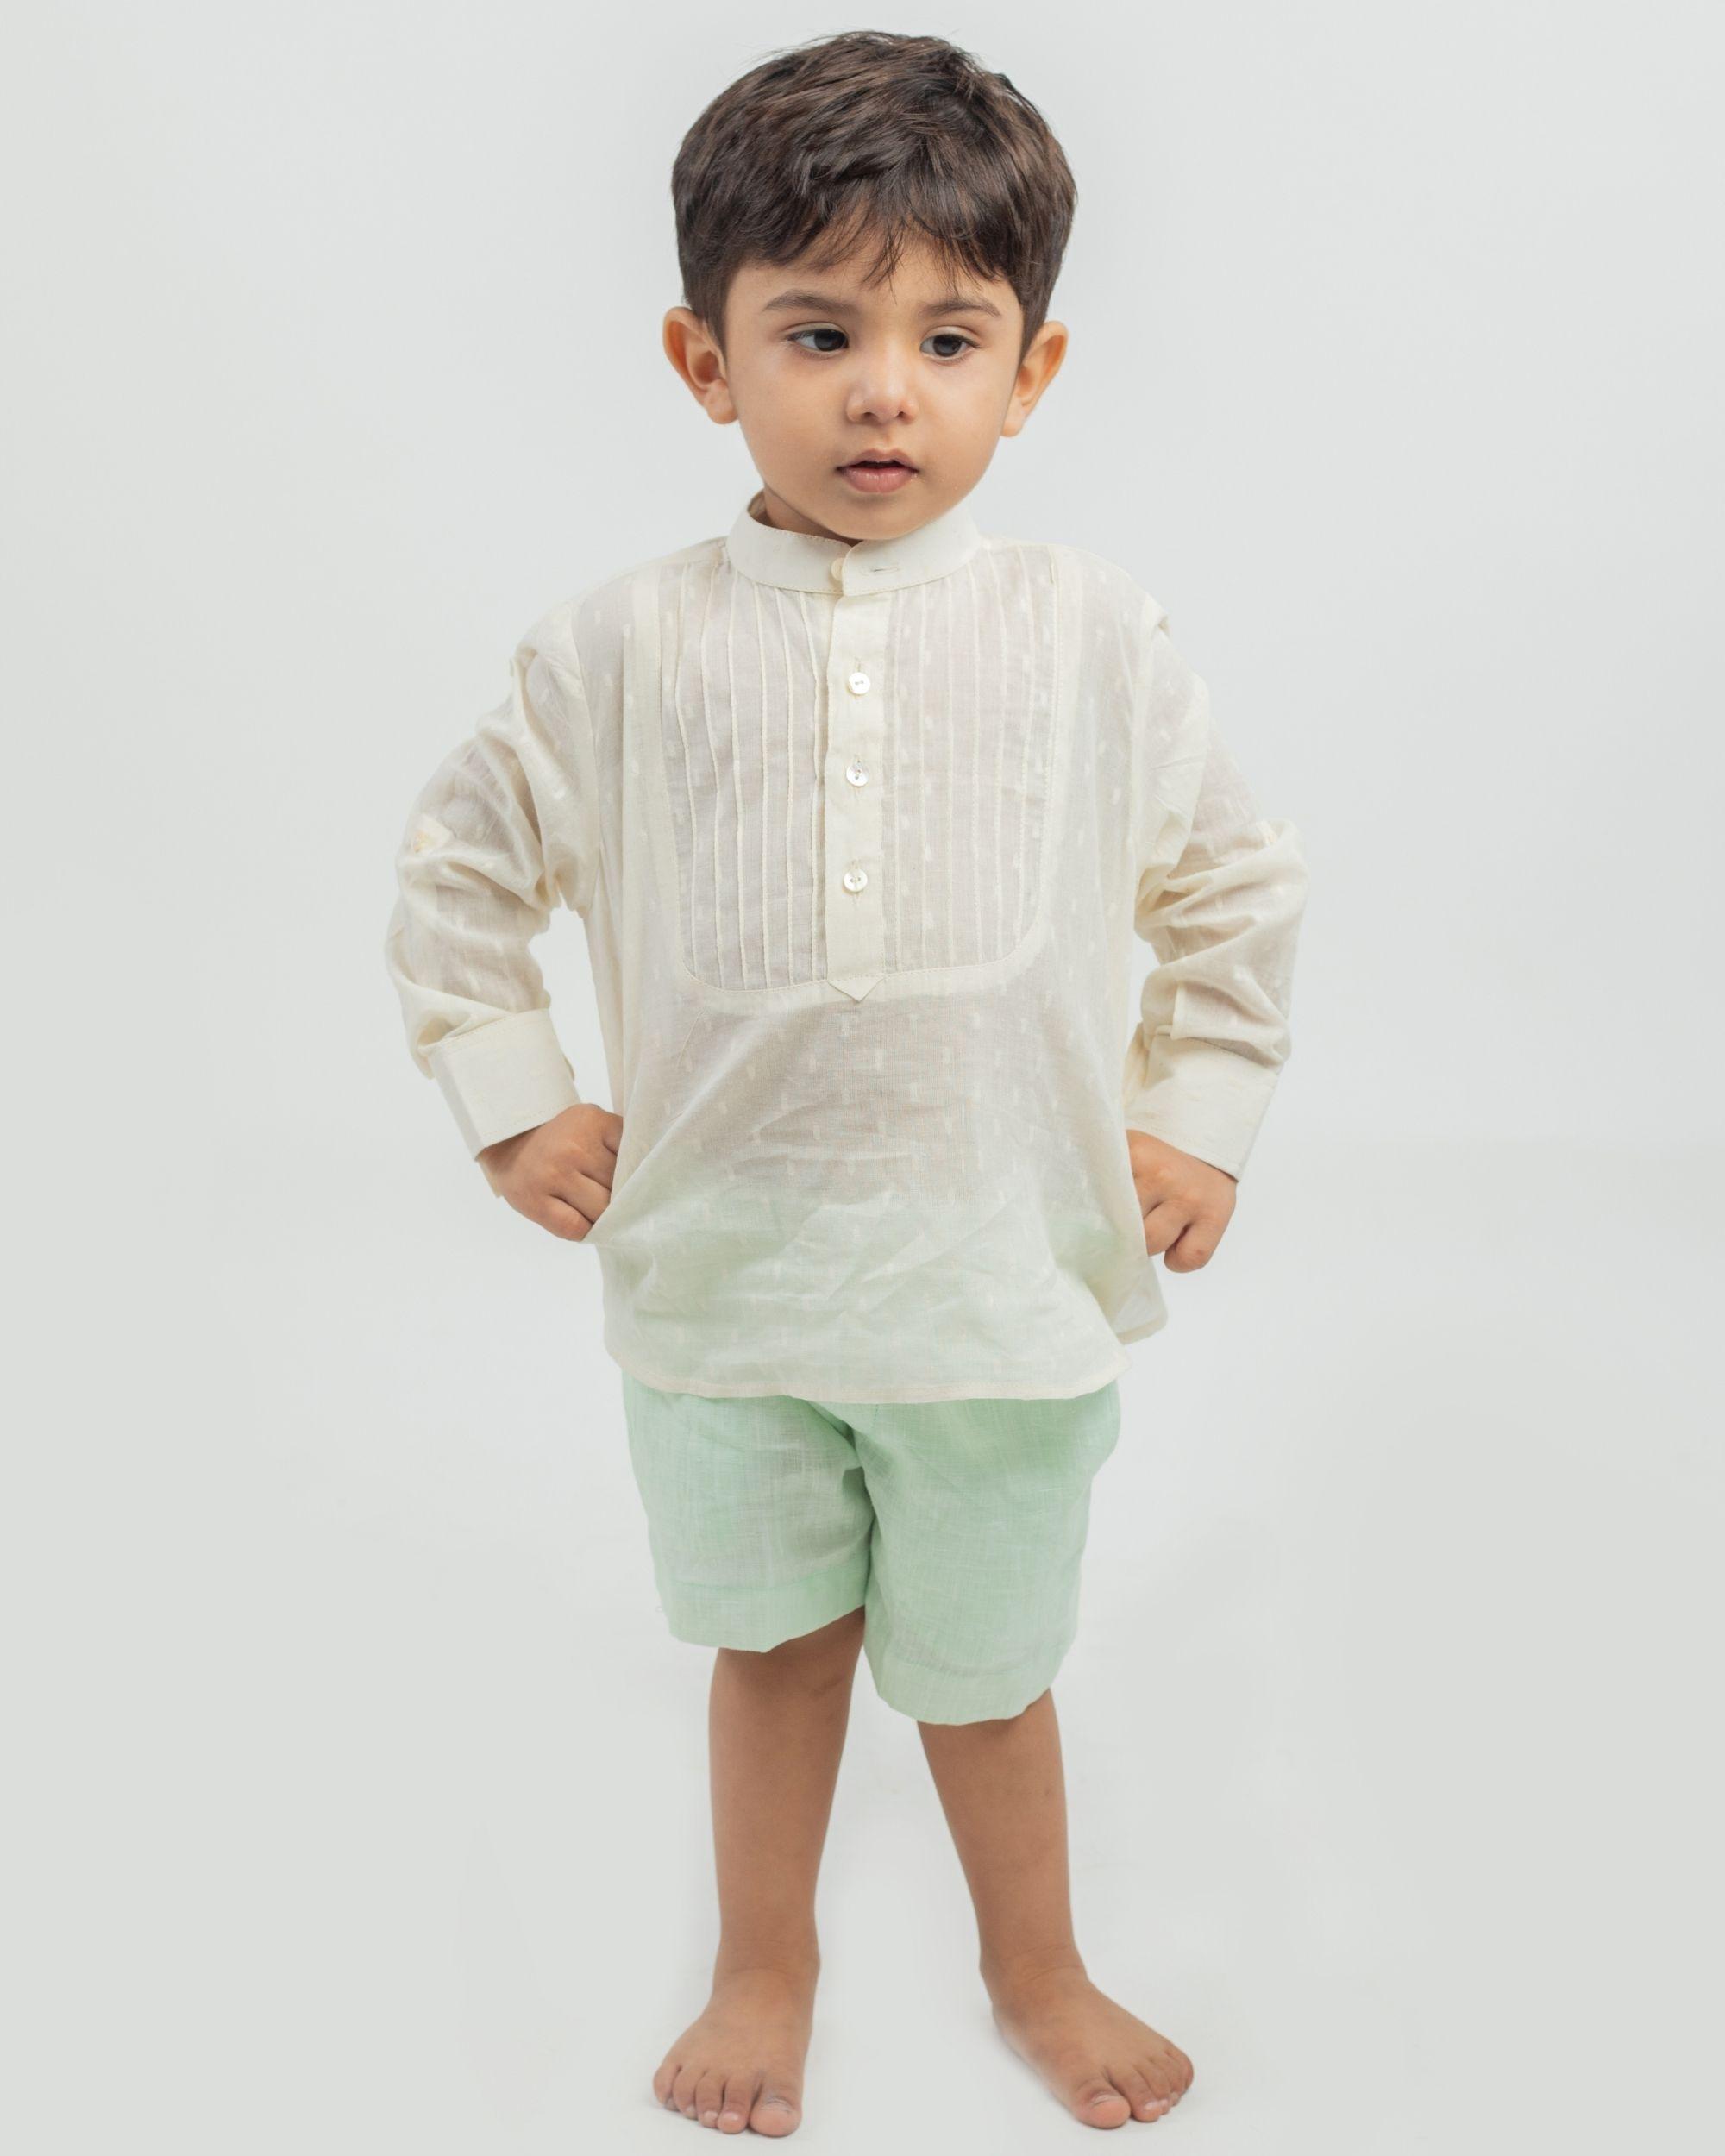 Cream yoke kurta and mint linen shorts - set of two